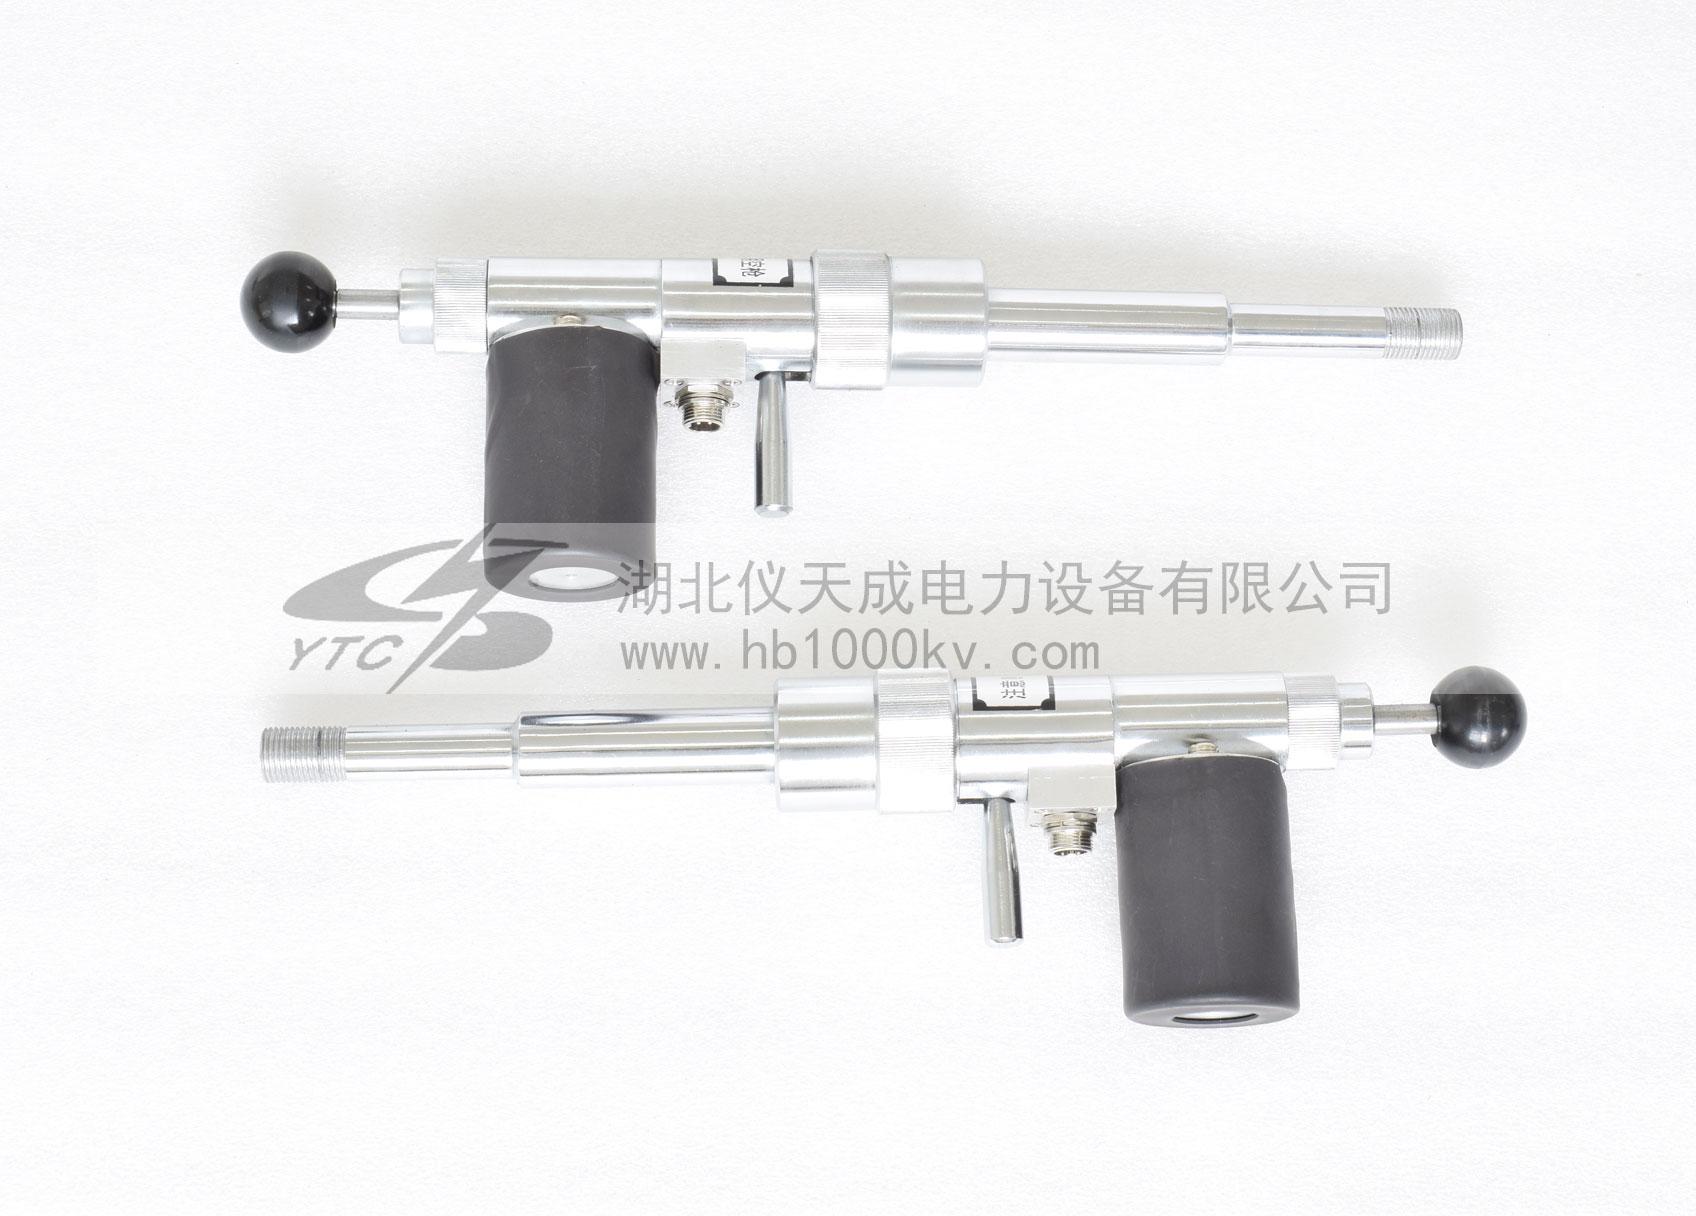 YTC607电缆刺扎器射钉器